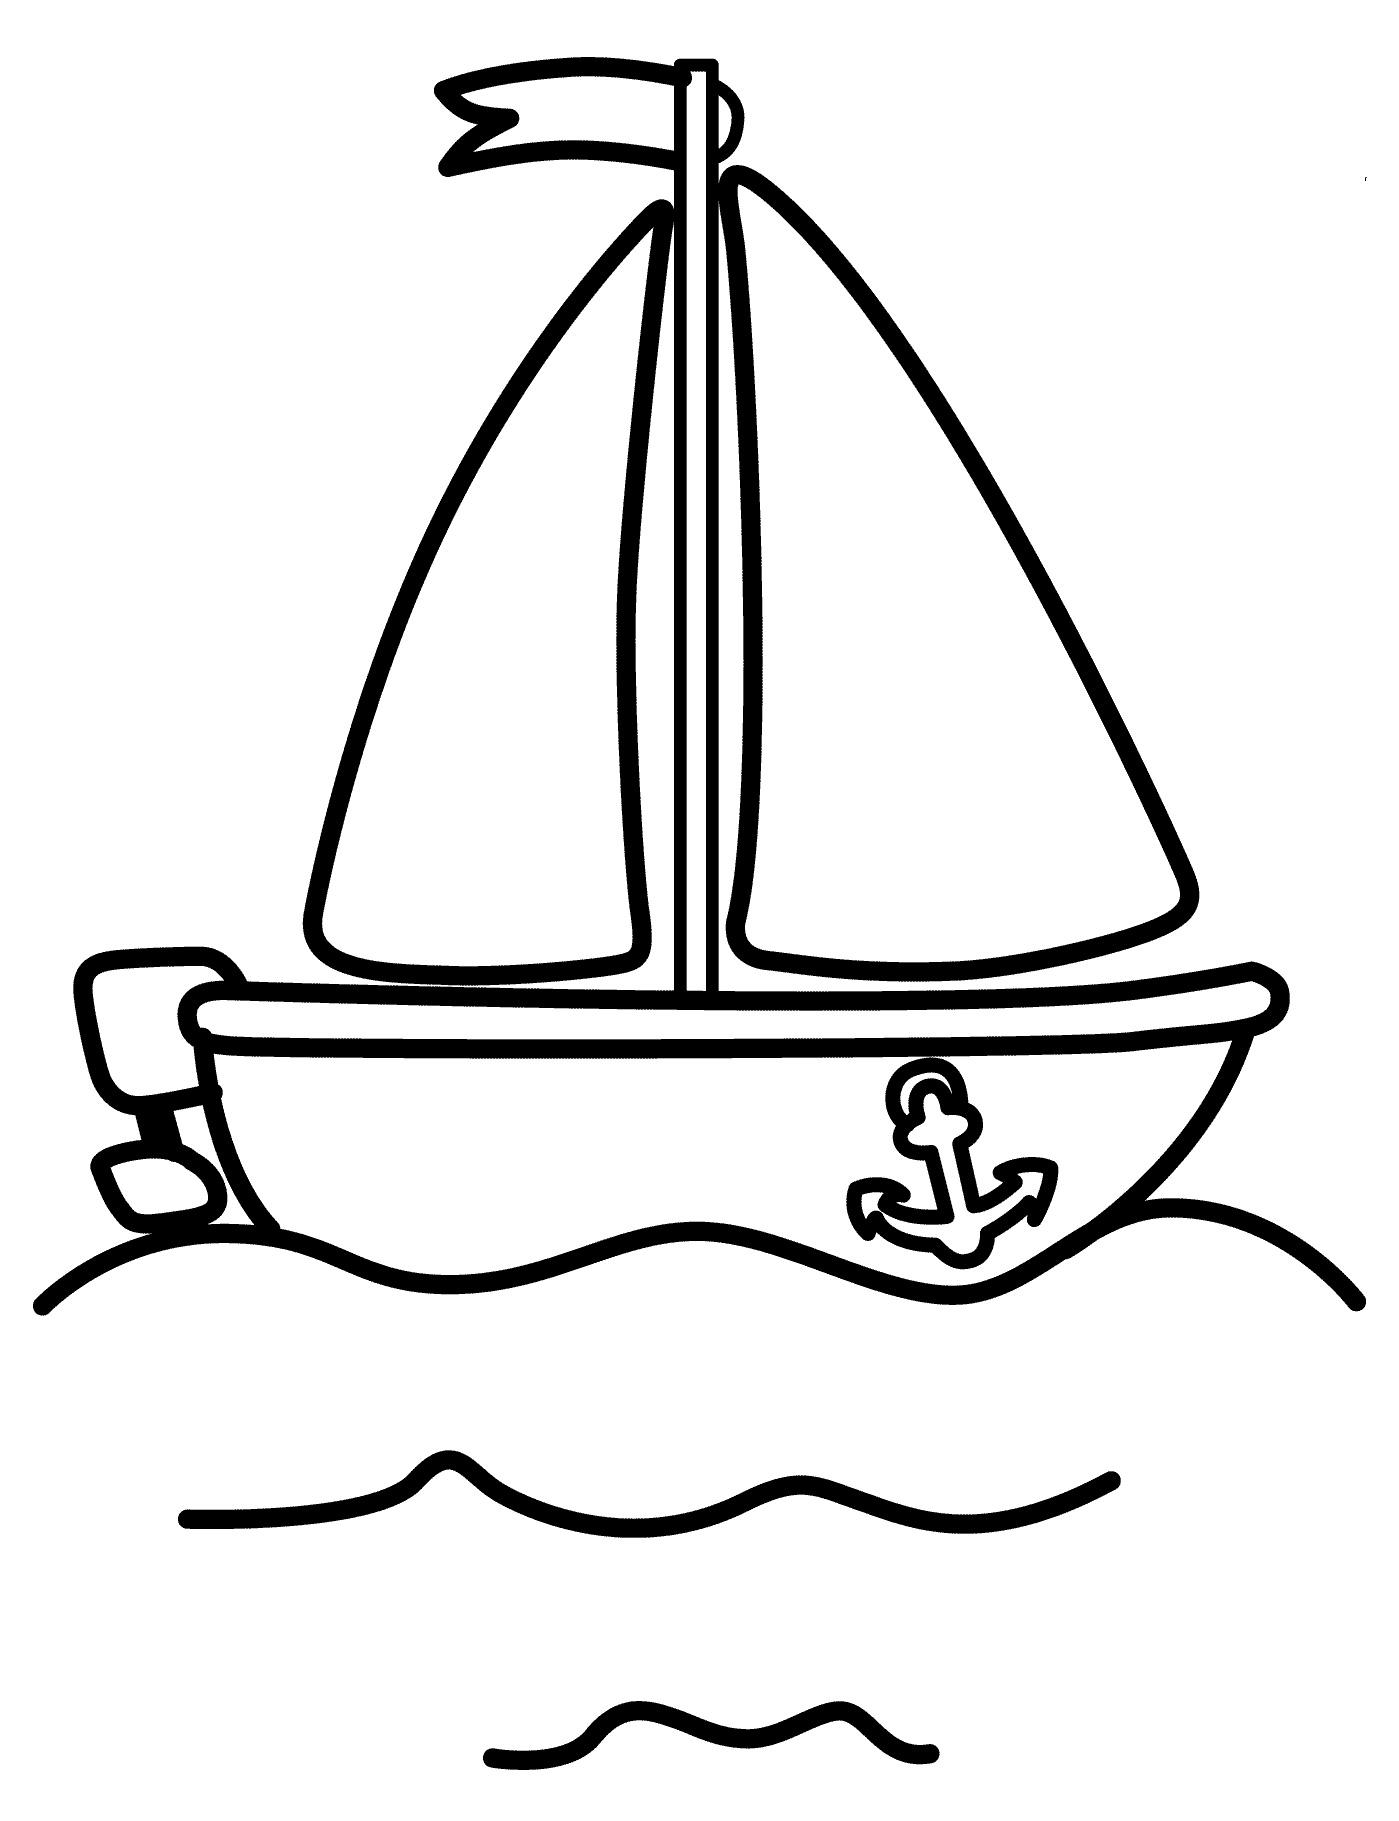 Раскраска Кораблик распечатать или скачать бесплатно